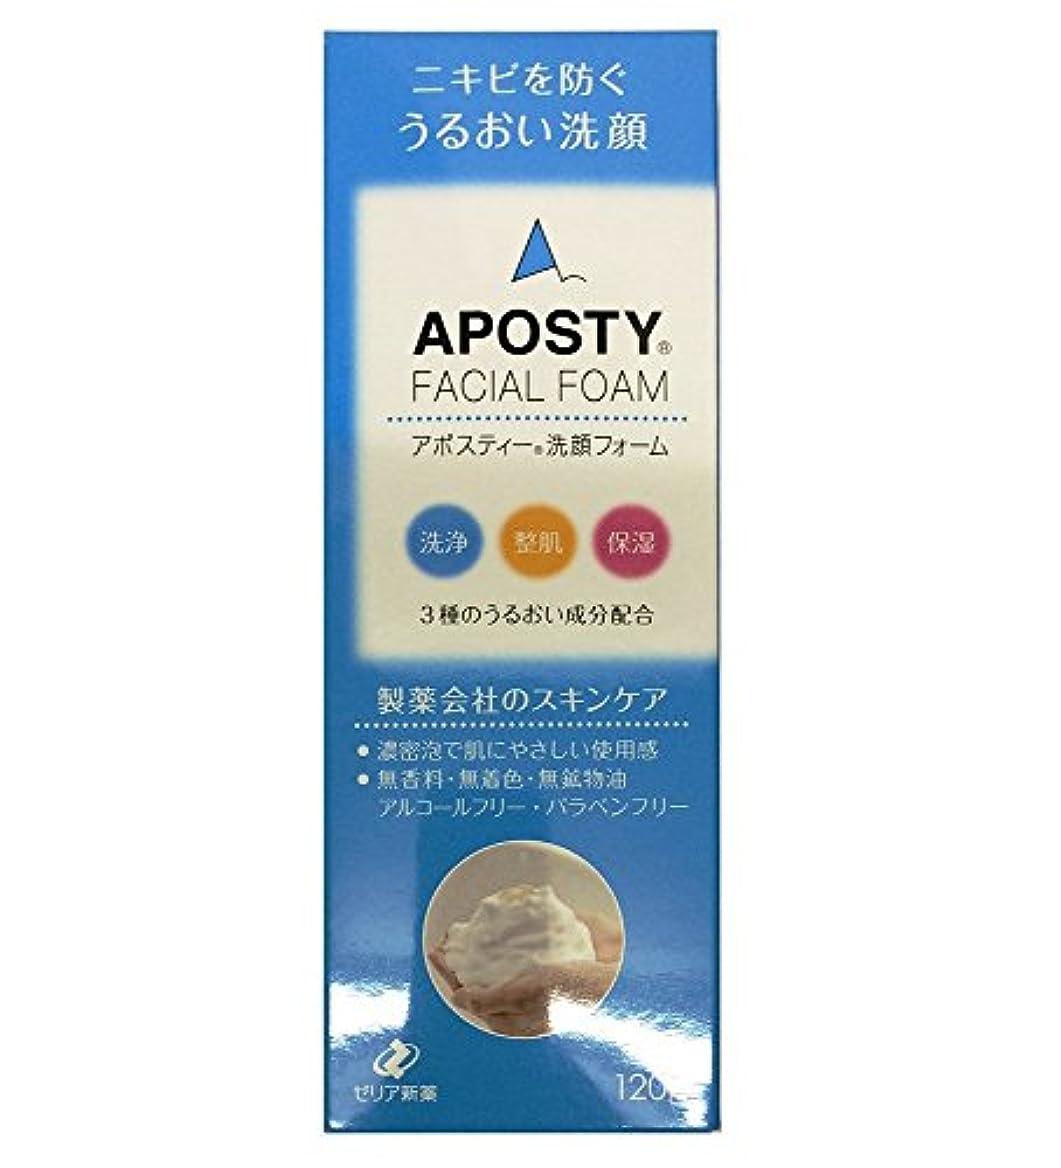 仮定ワゴンライオンゼリア新薬工業 アポスティー 洗顔フォーム 120g